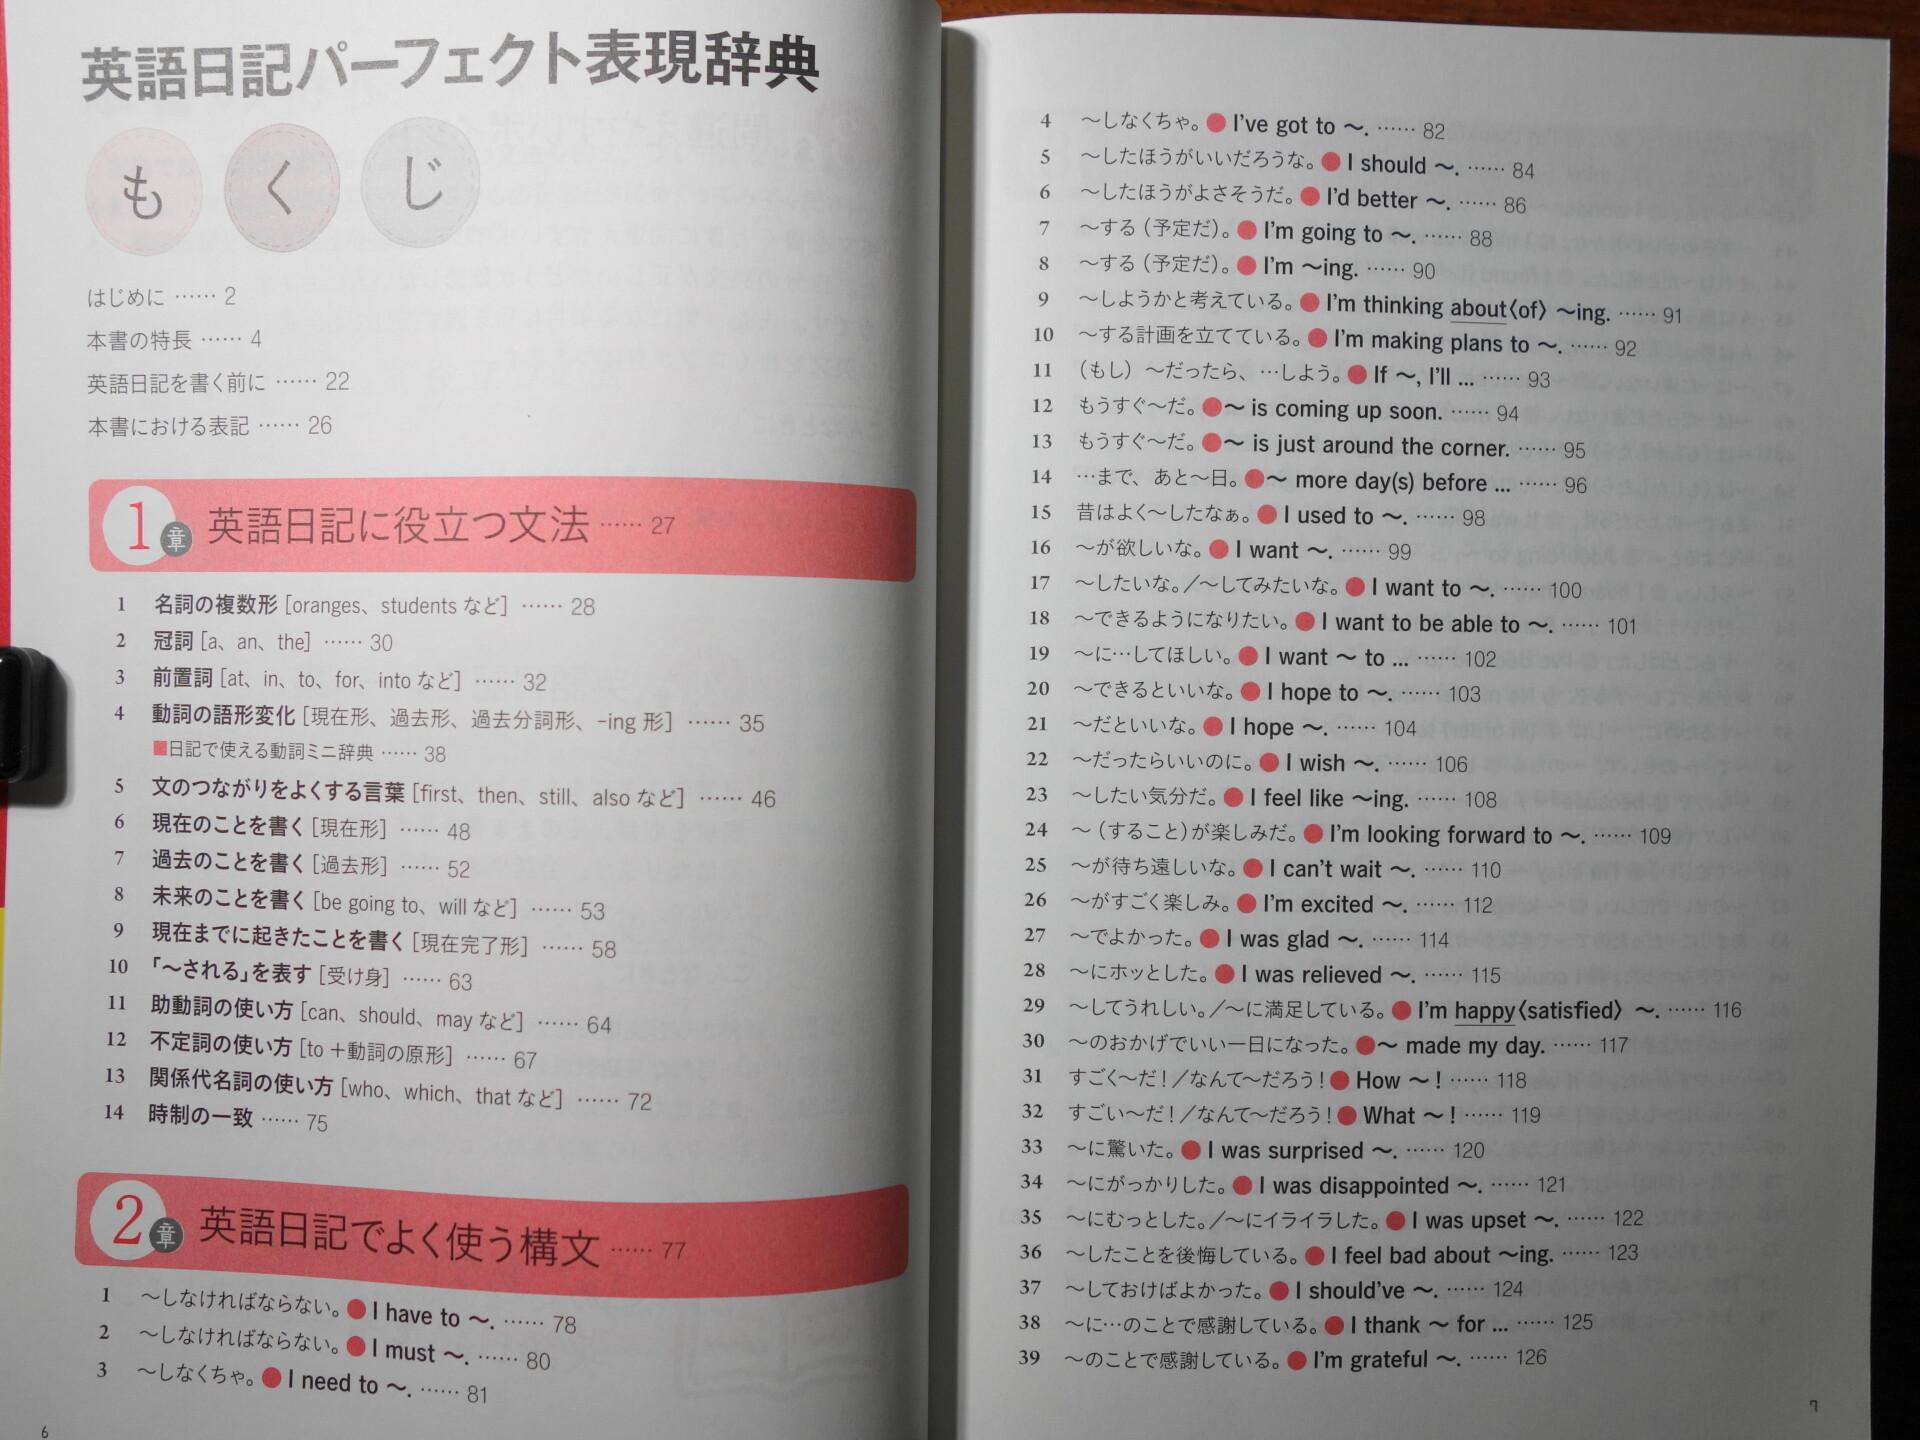 英語日記パーフェクト表現辞典のもくじ